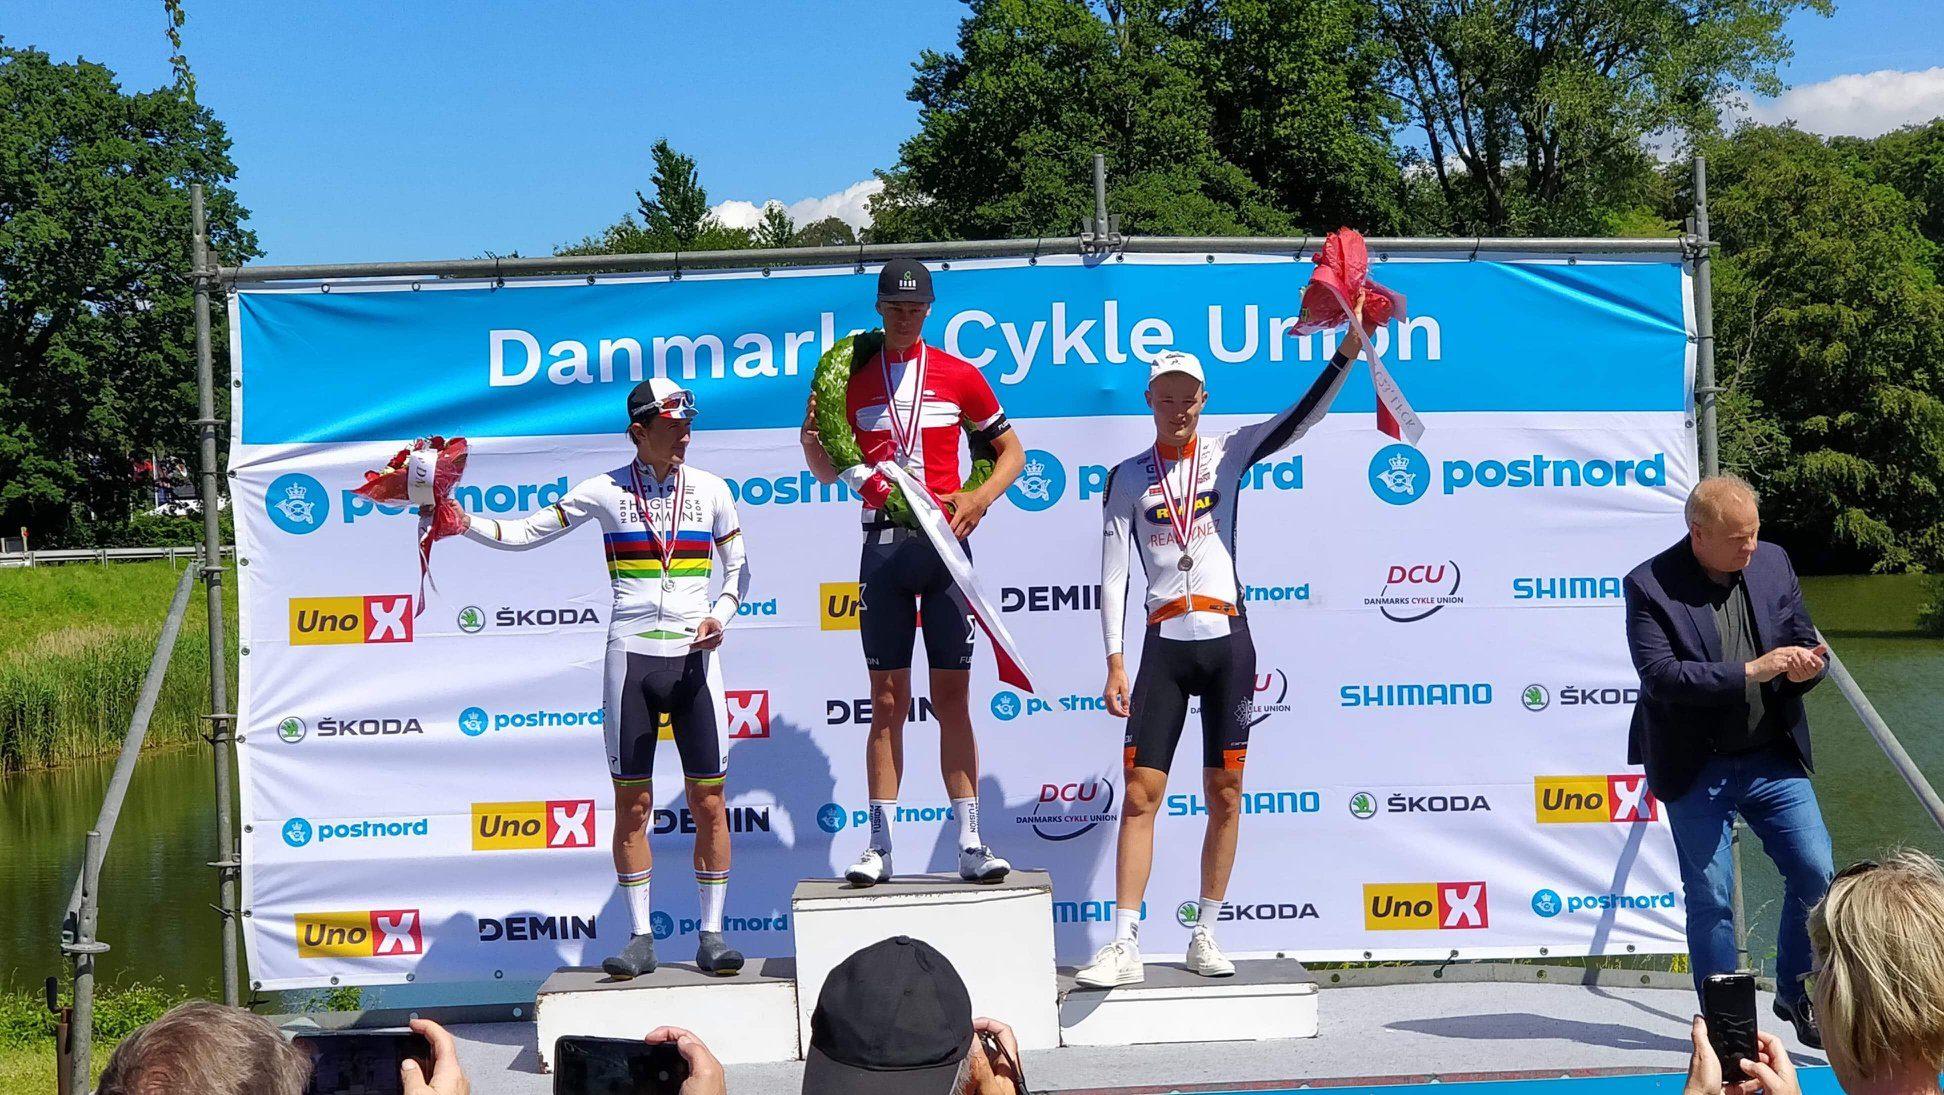 Йохан Прайс-Пейтерсен выиграл «разделку» на датском чемпионате по велоспорту среди андеров